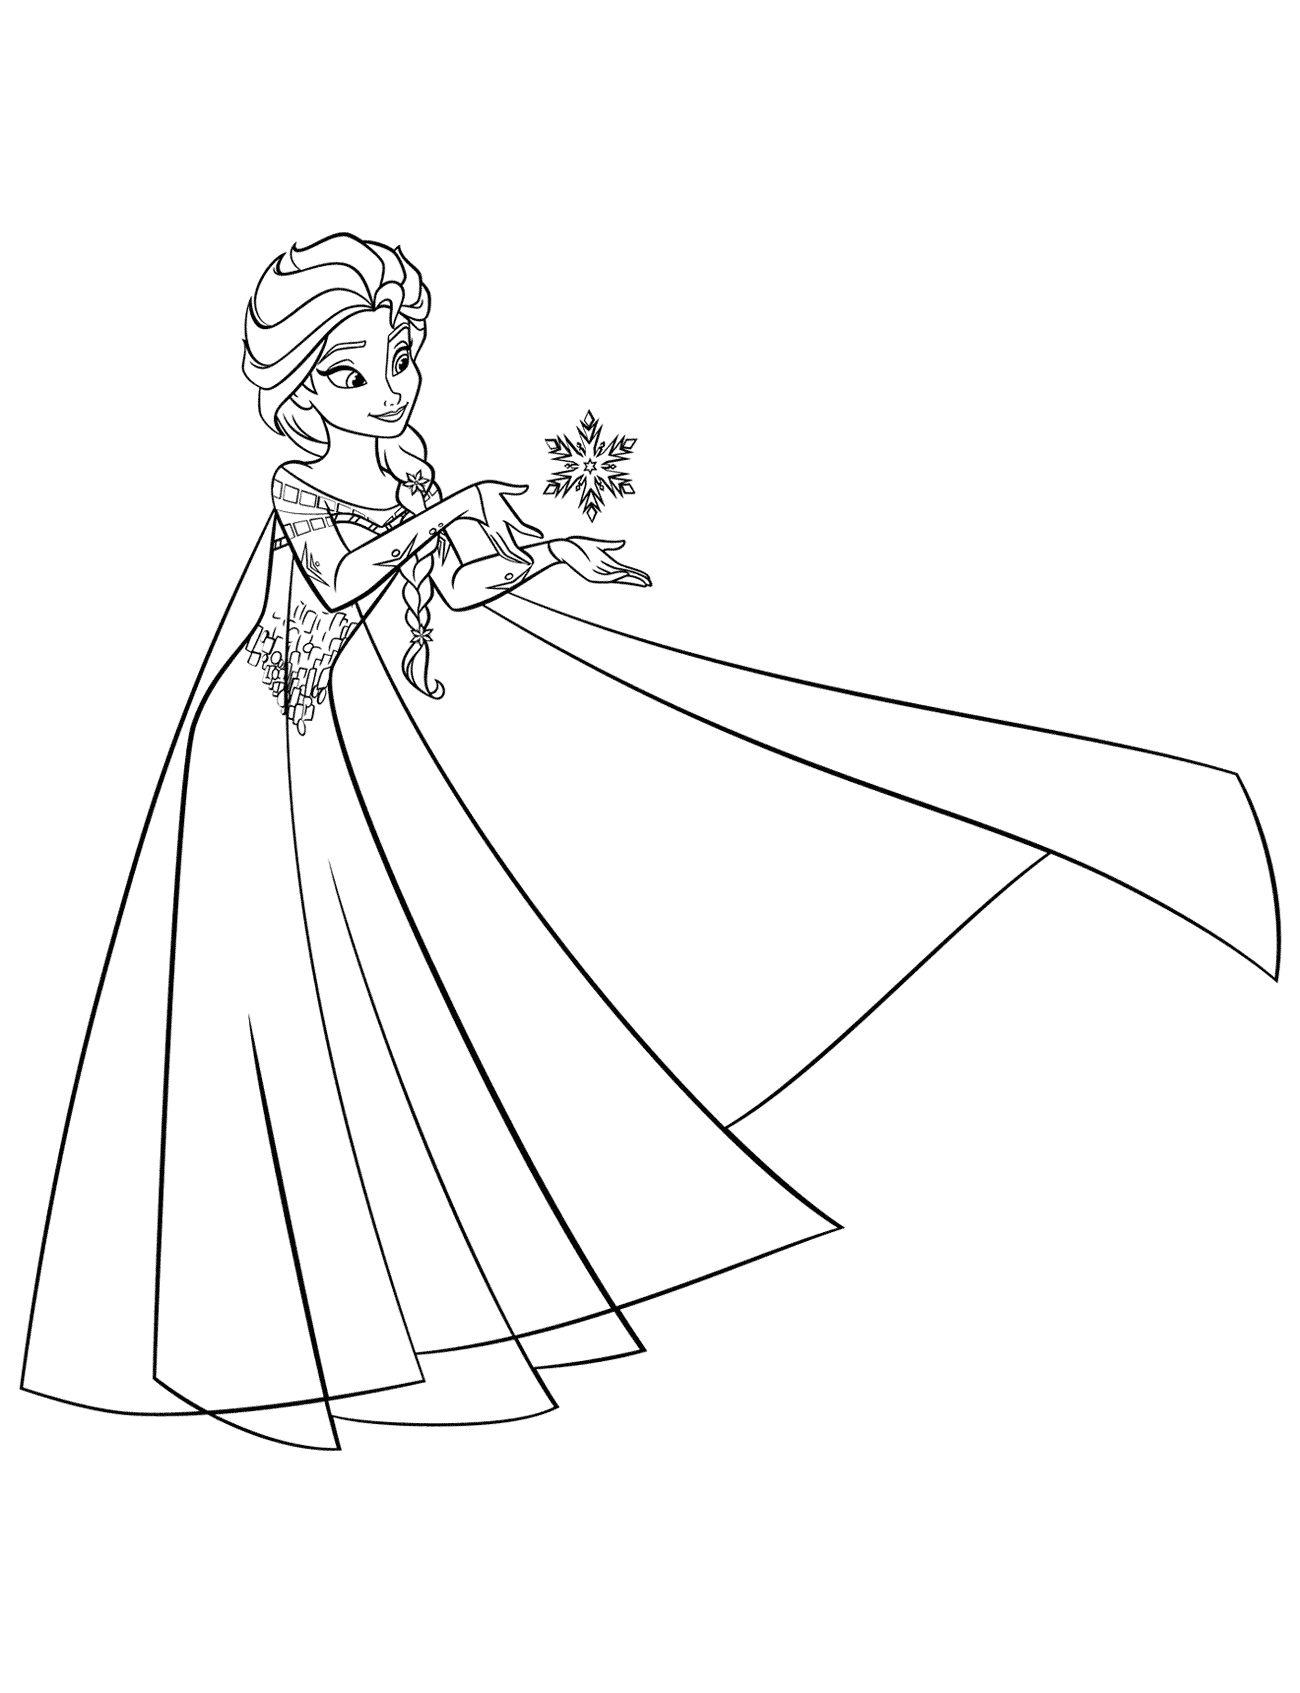 Tranh Tô Màu Công Chúa Elsa 1